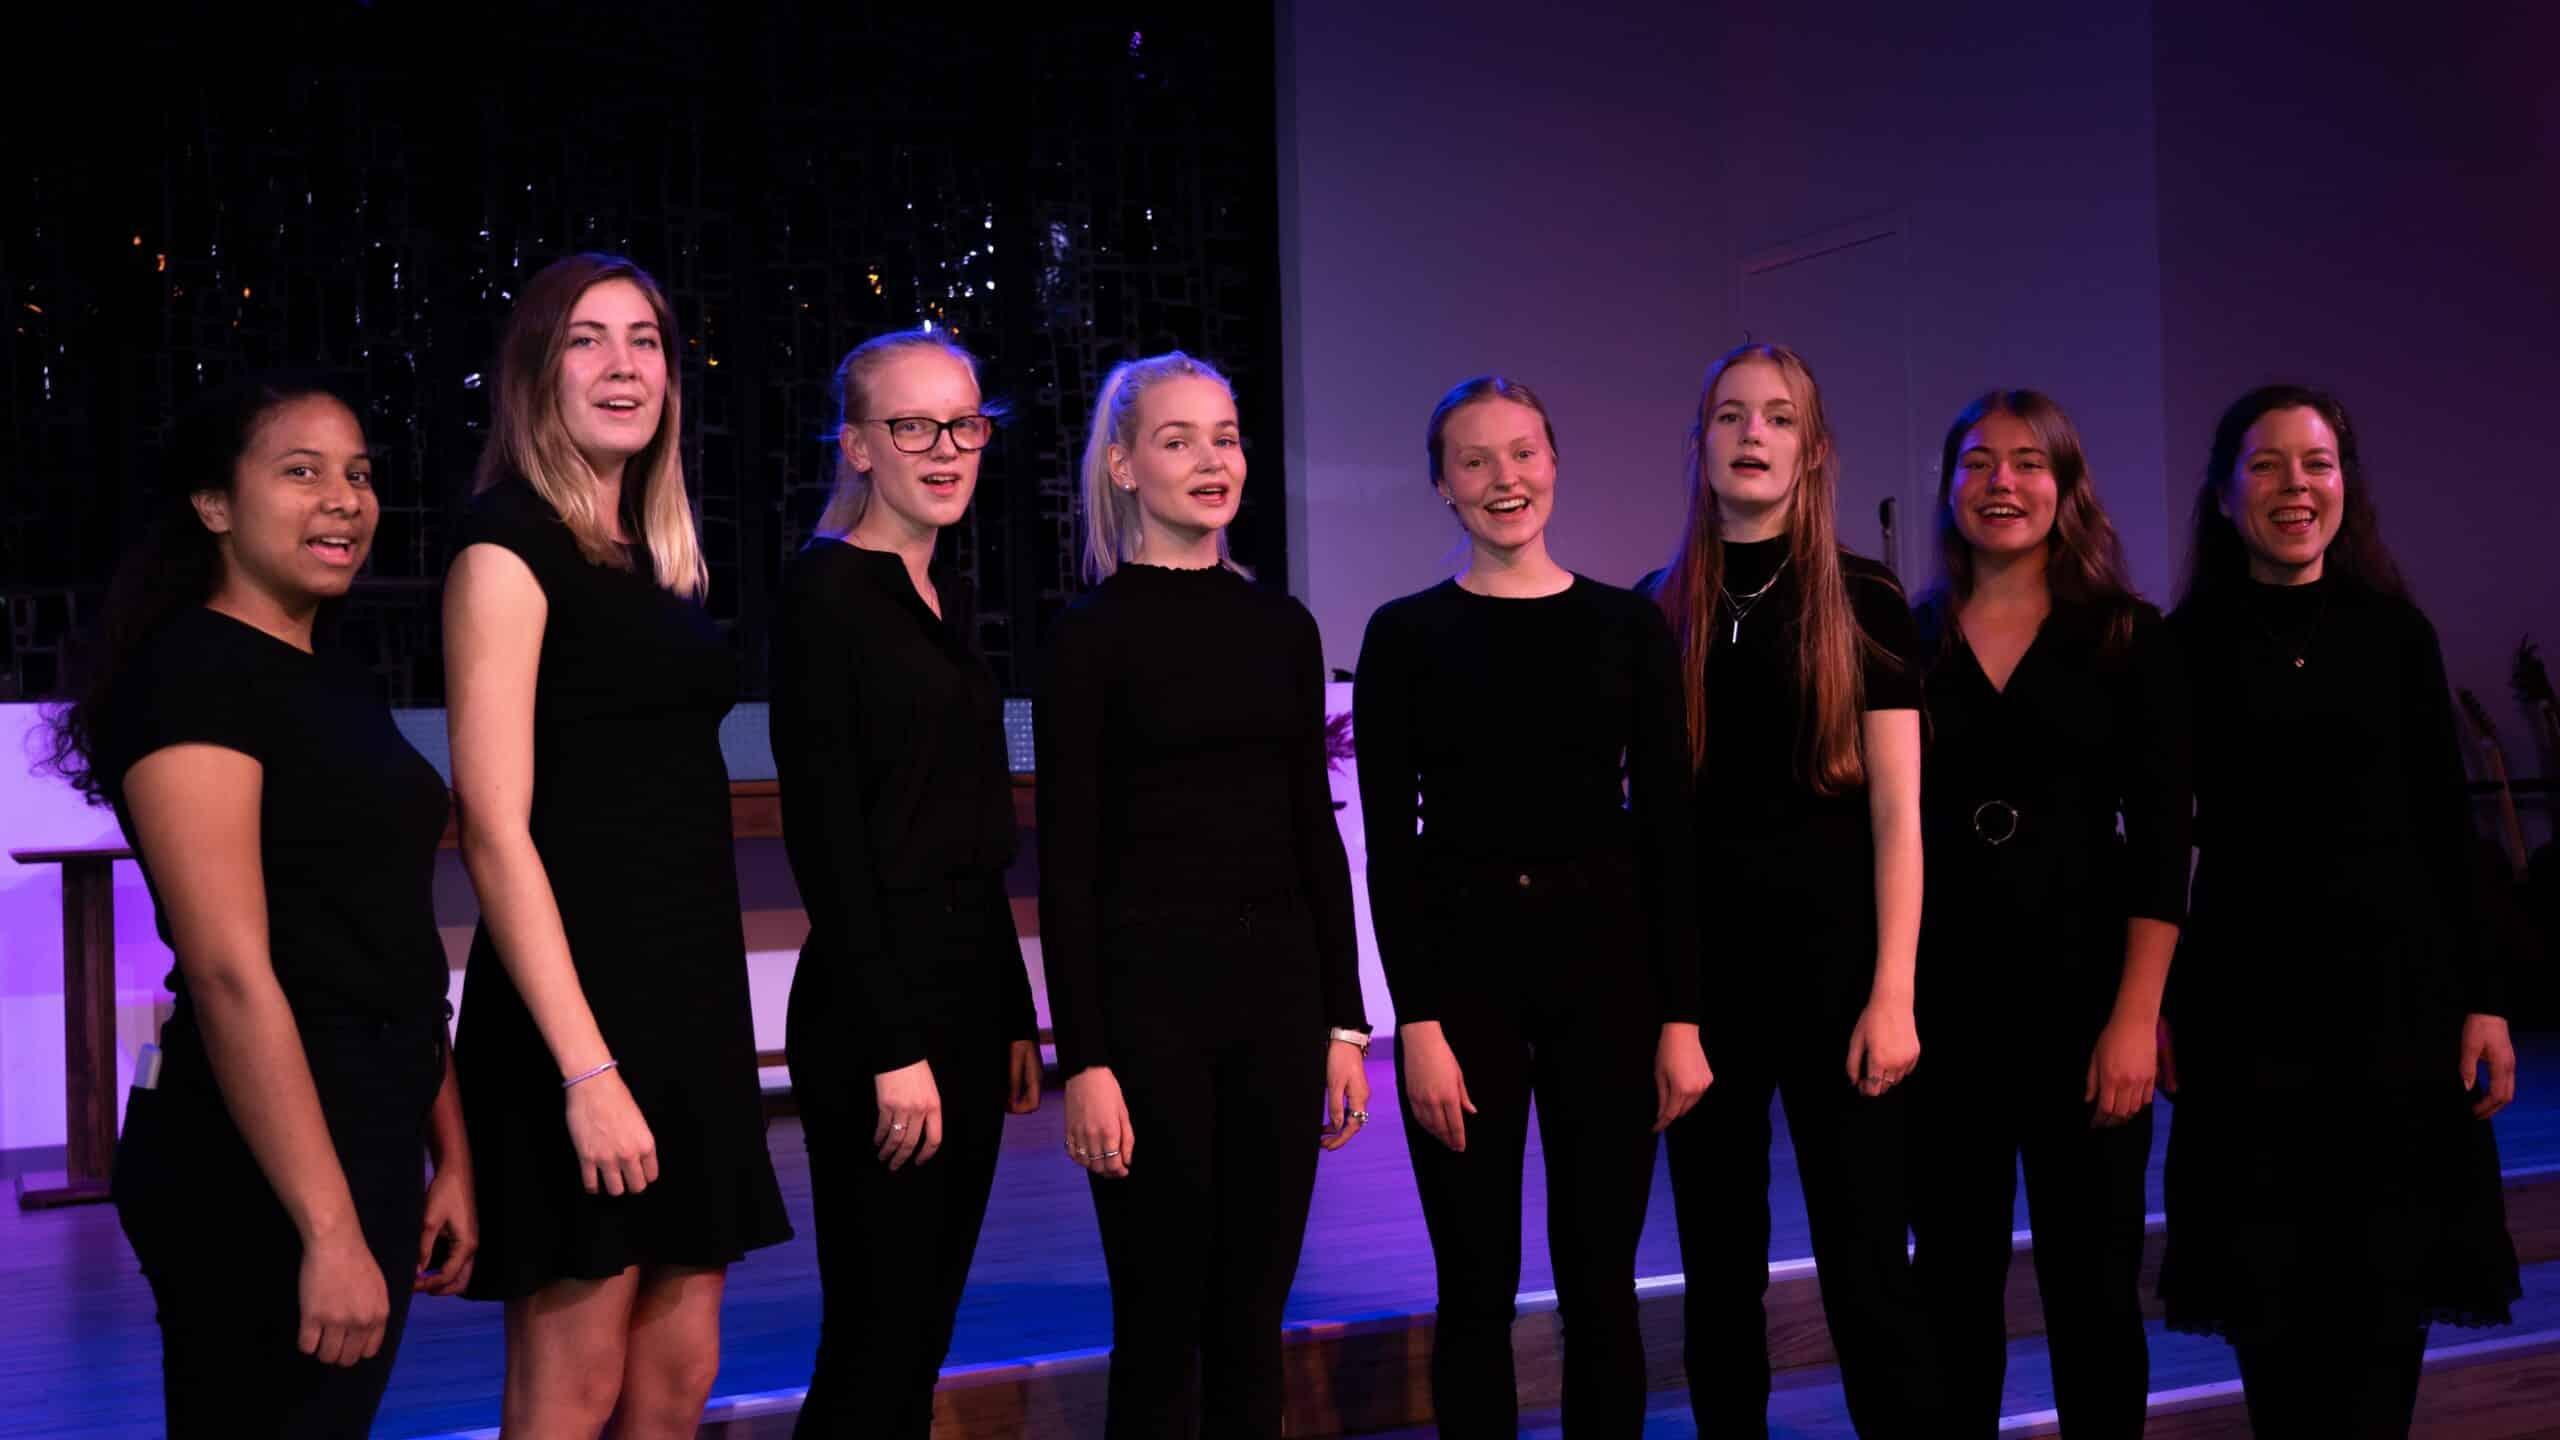 choir tyrifjord videregående skole